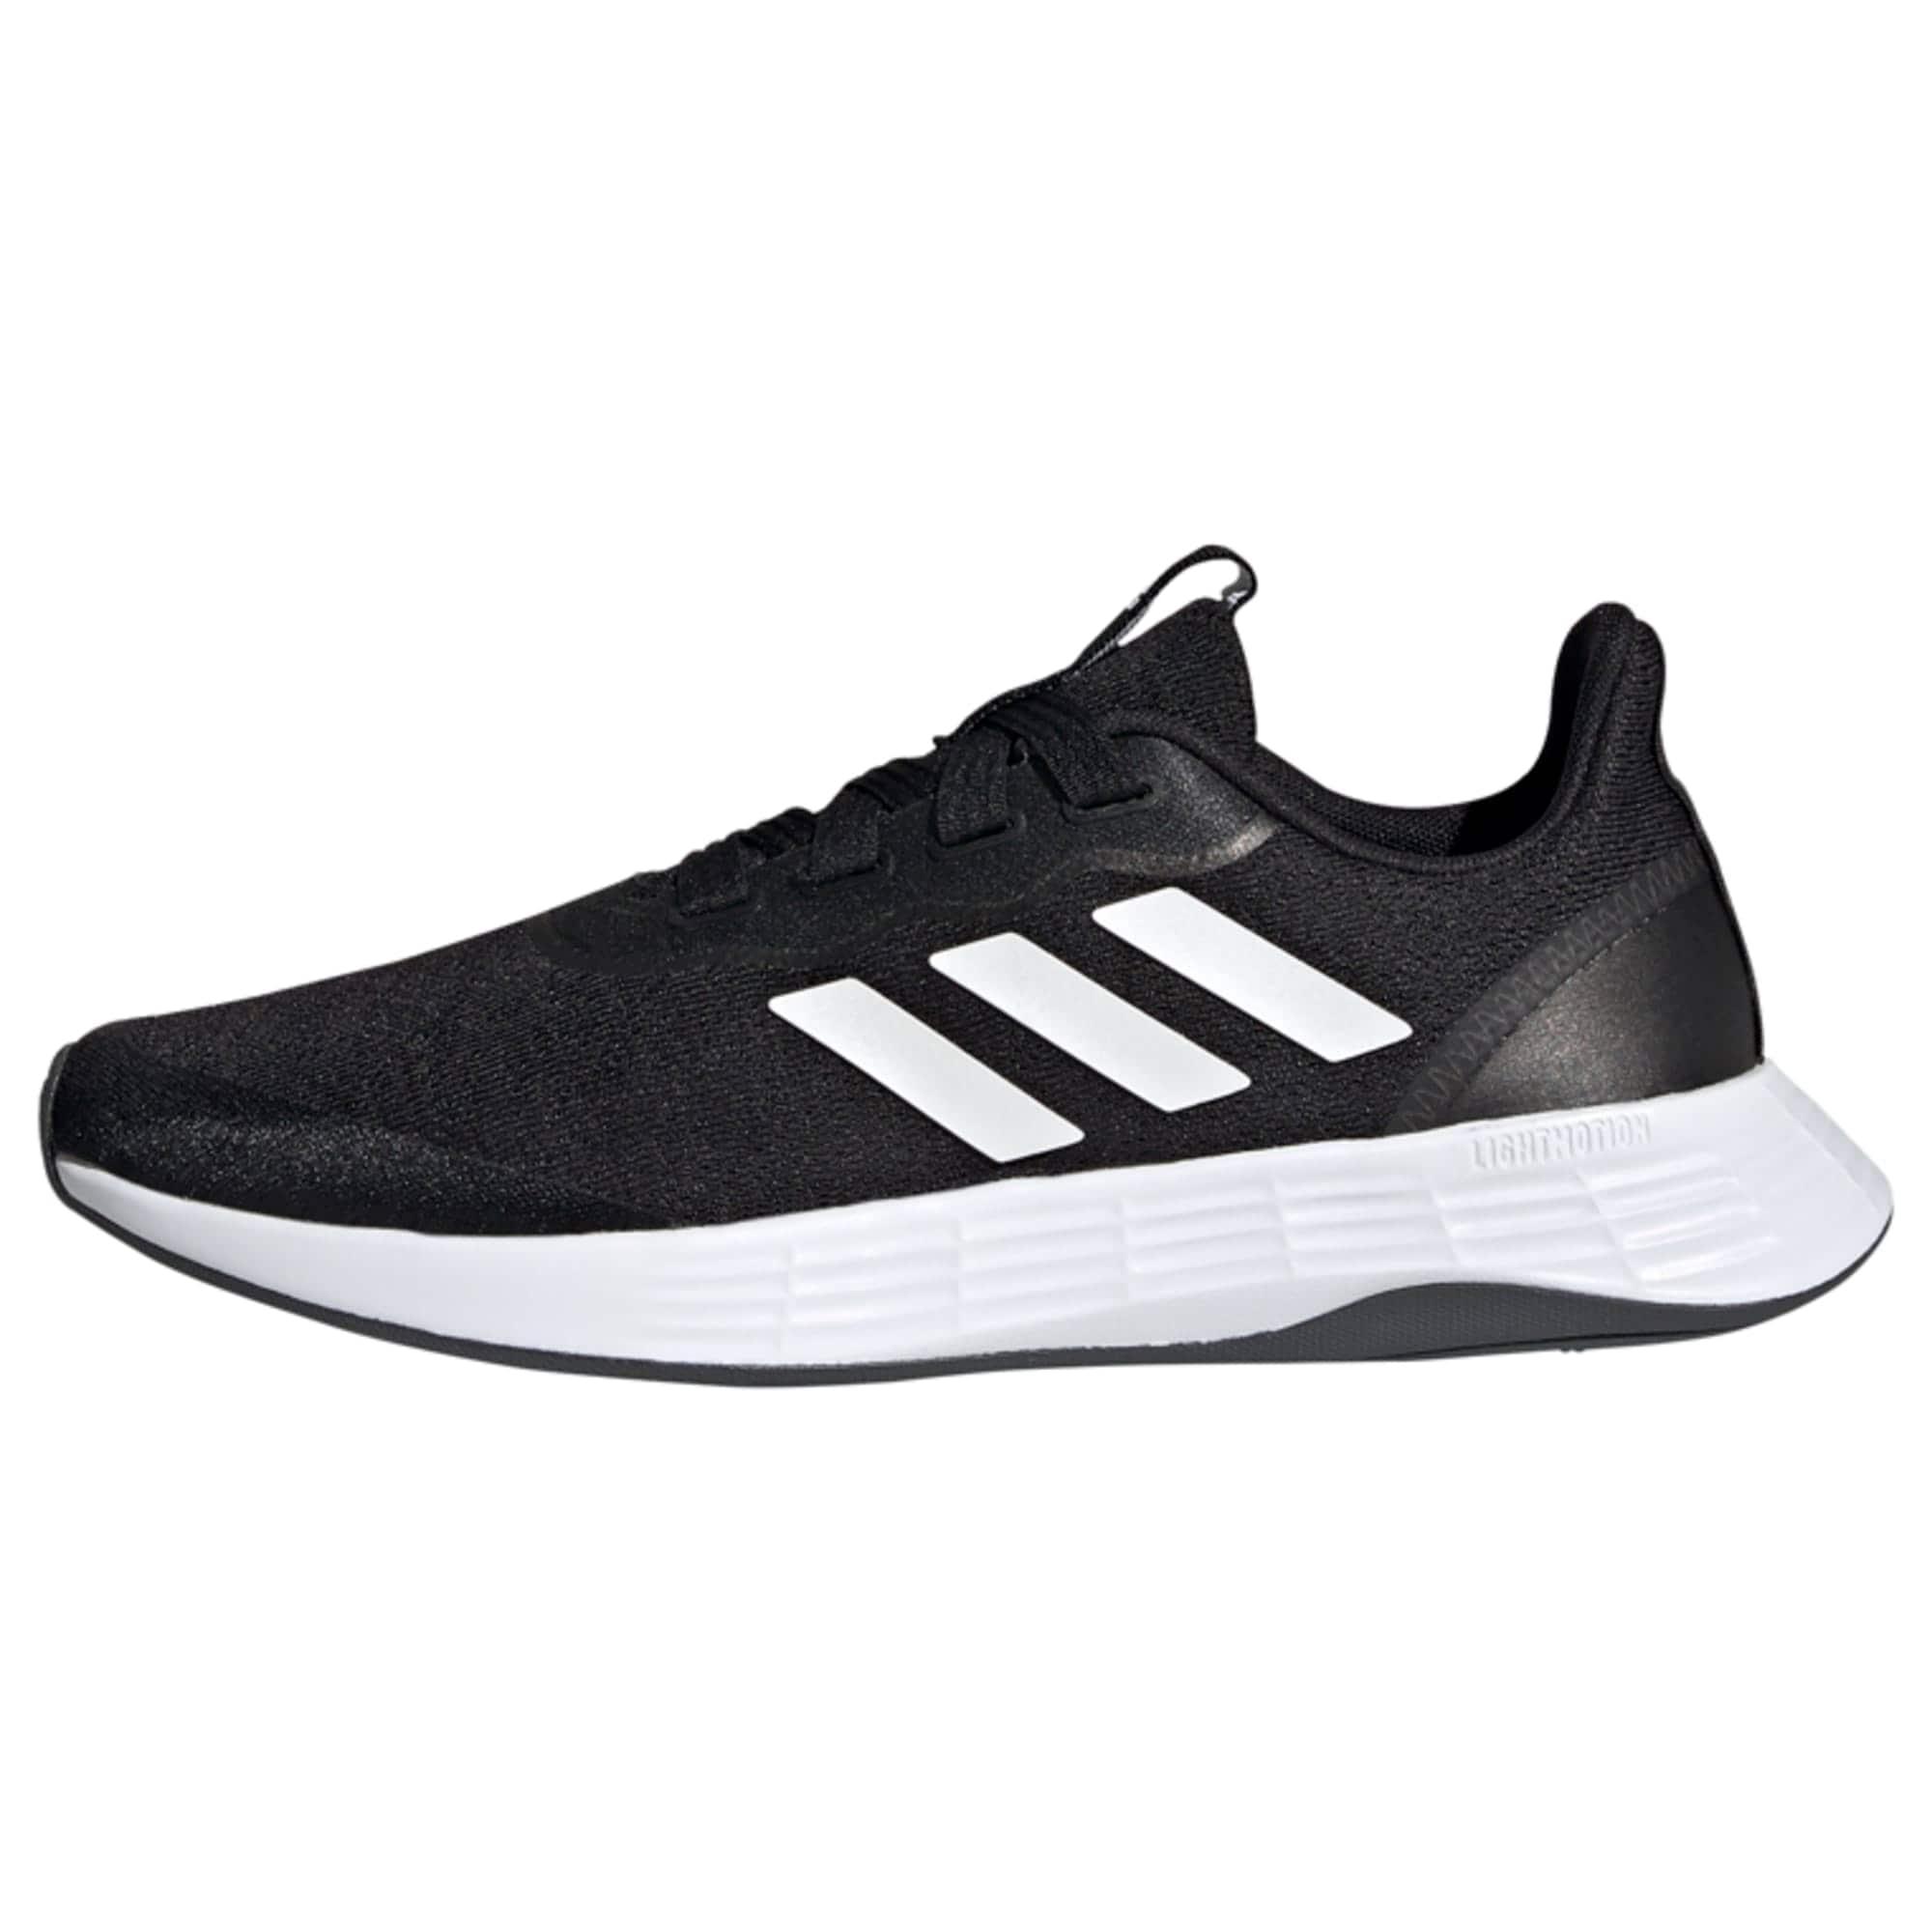 ADIDAS PERFORMANCE Chaussure de course  - Noir - Taille: 8 - female